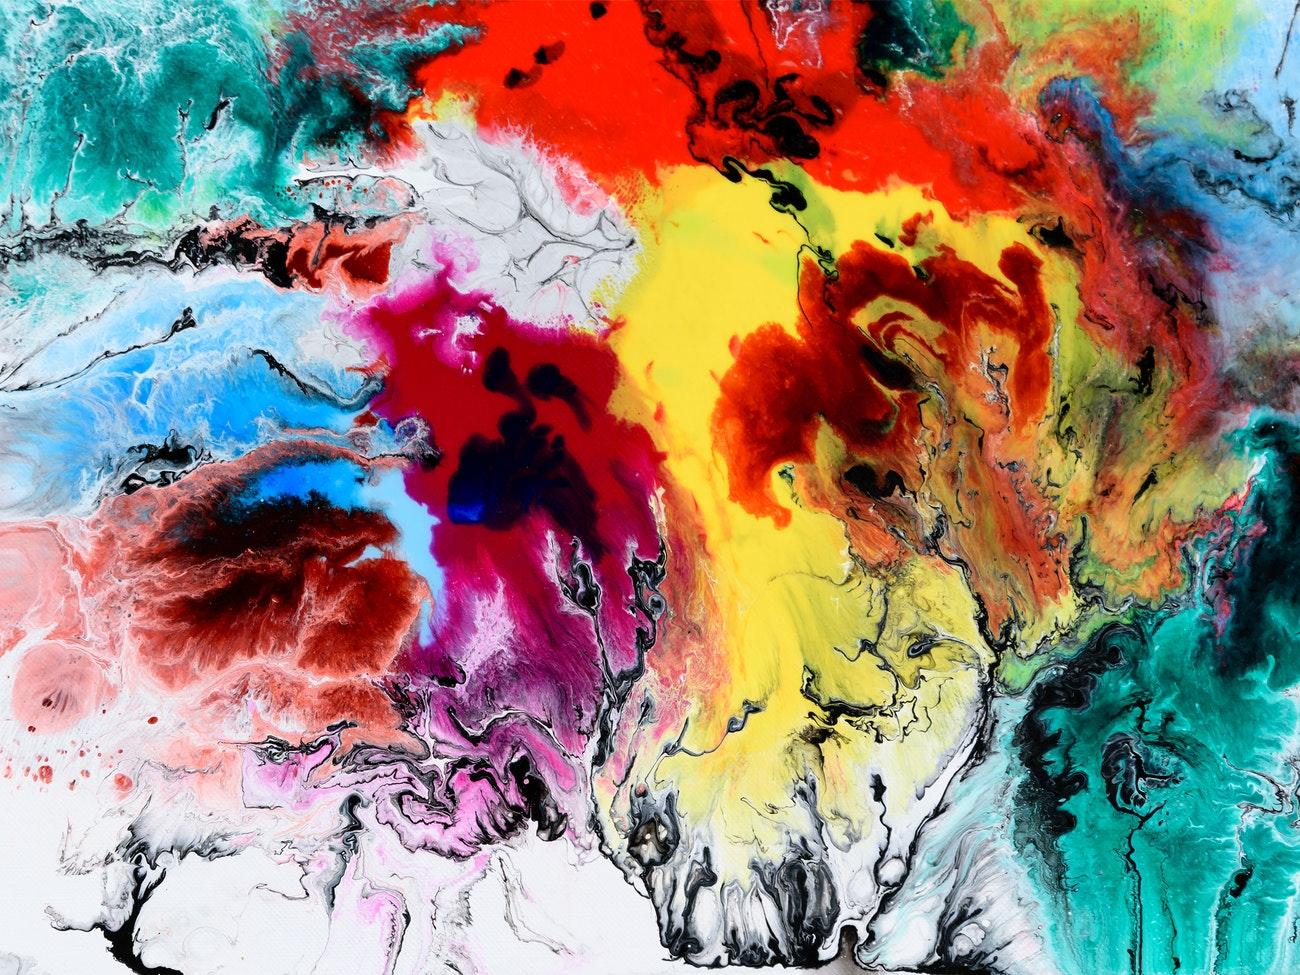 Watercolor Paintings by Mekhz